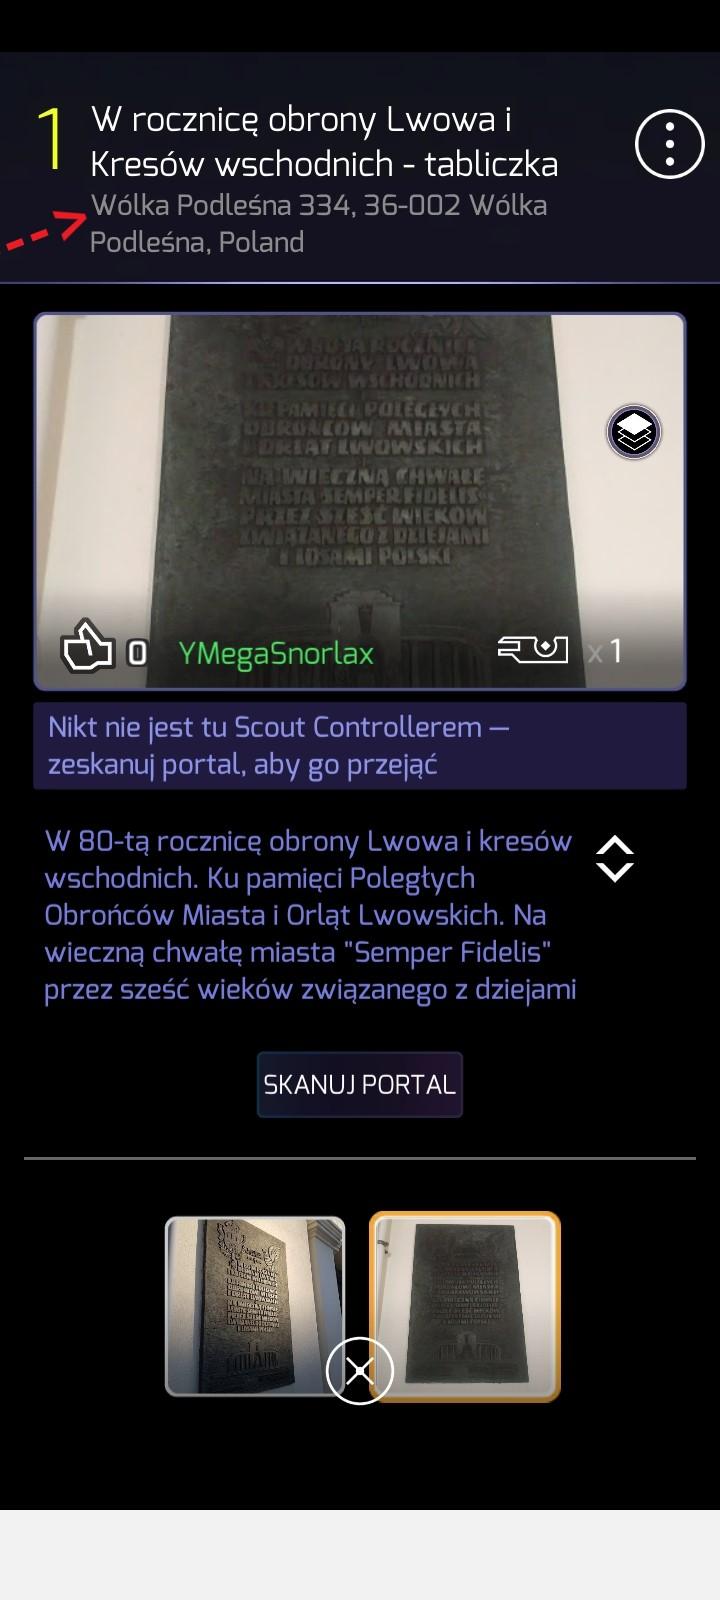 W rocznicę obrony Lwowa i Kresów wschodnich - tabliczka.jpg